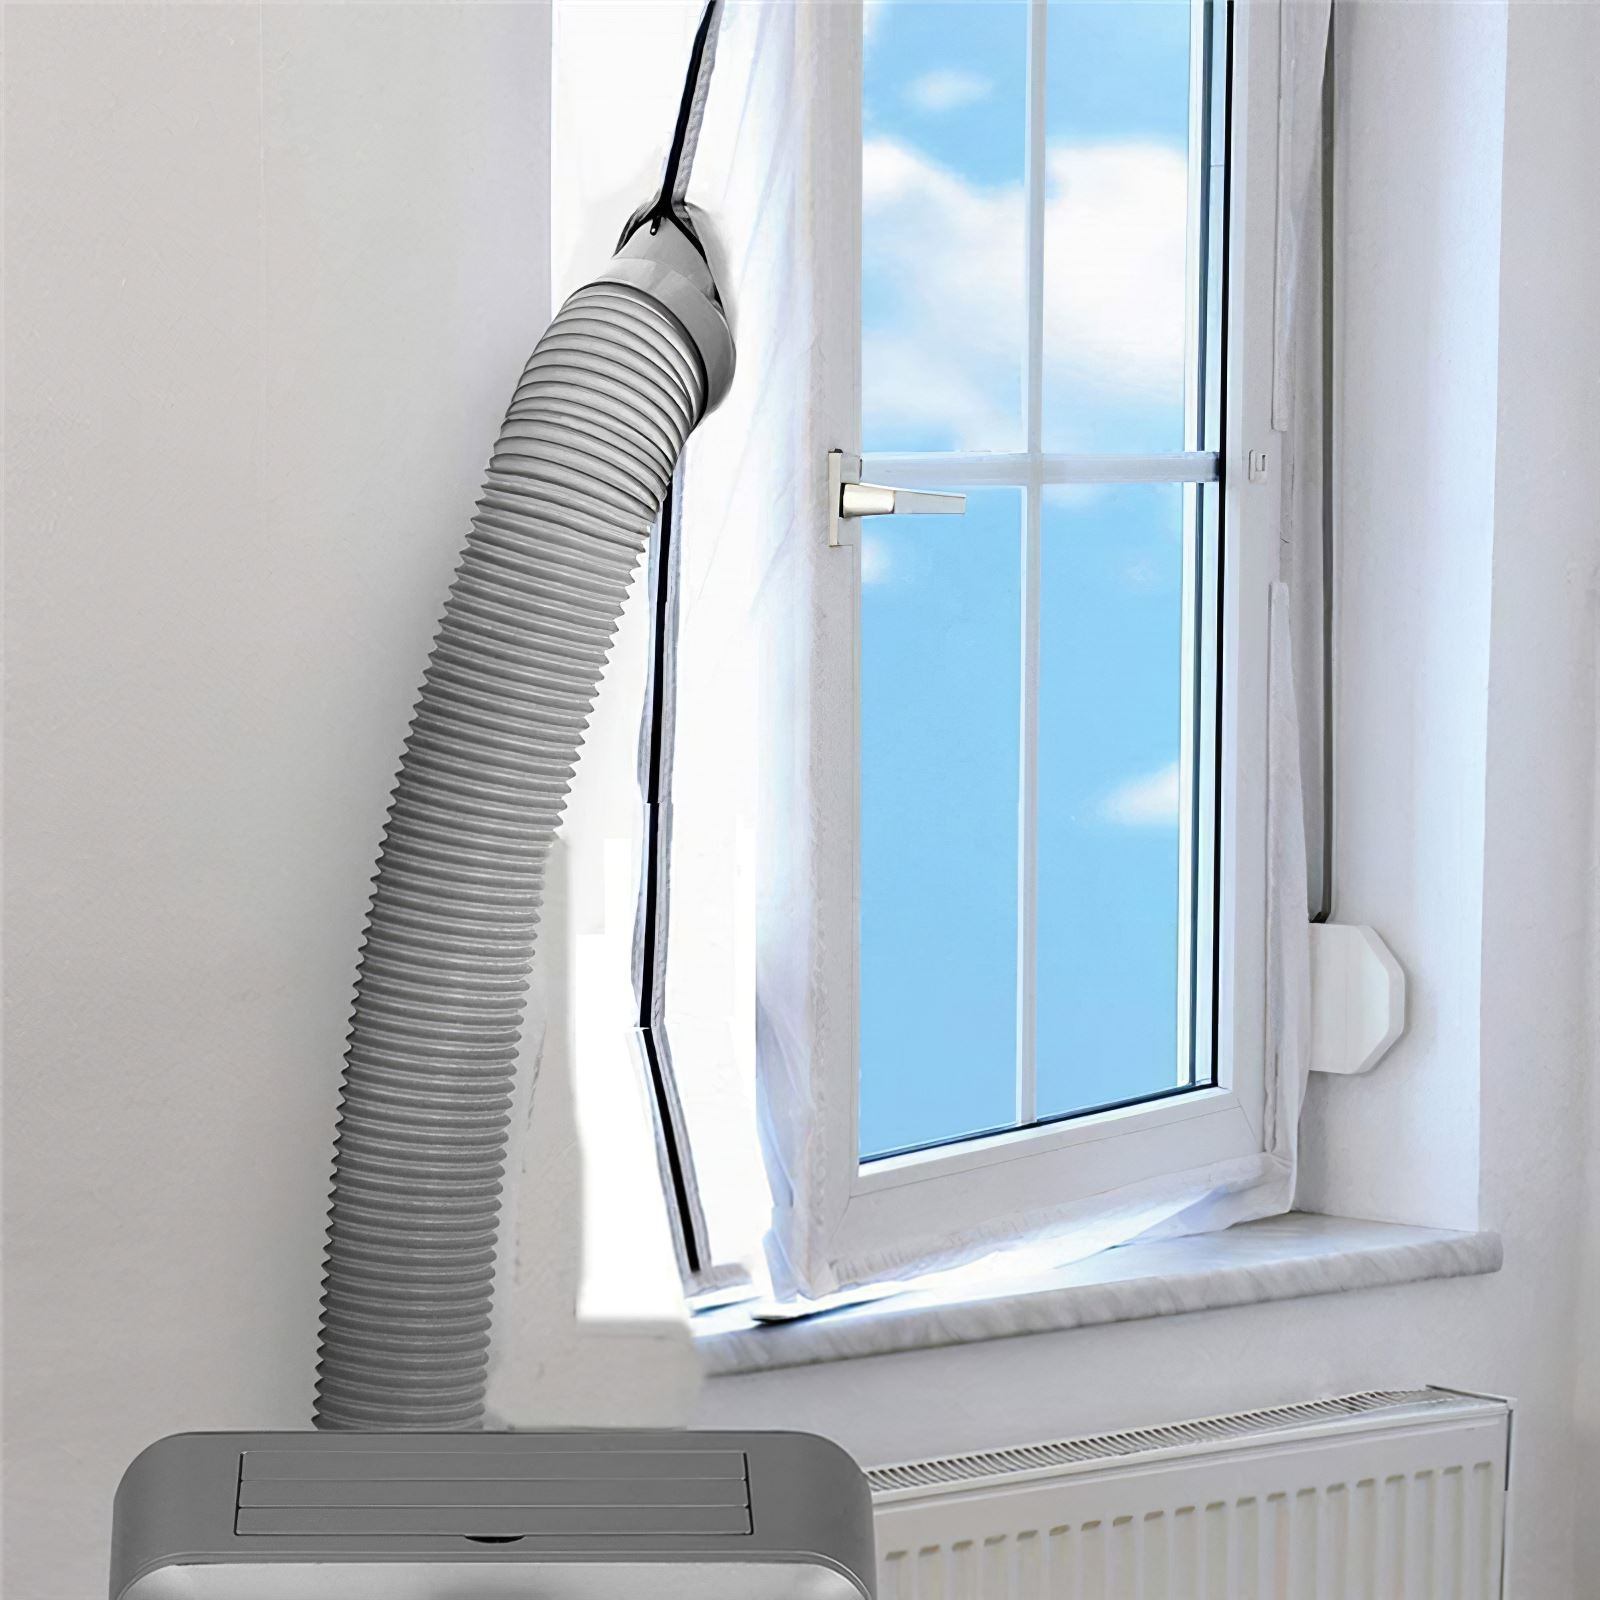 كفاءة شركة تكييف الهواء نافذة غطاء من القماش 500 سنتيمتر نافذة ختم انفصال Clothe غطاء تكييف الهواء نافذة السدادة